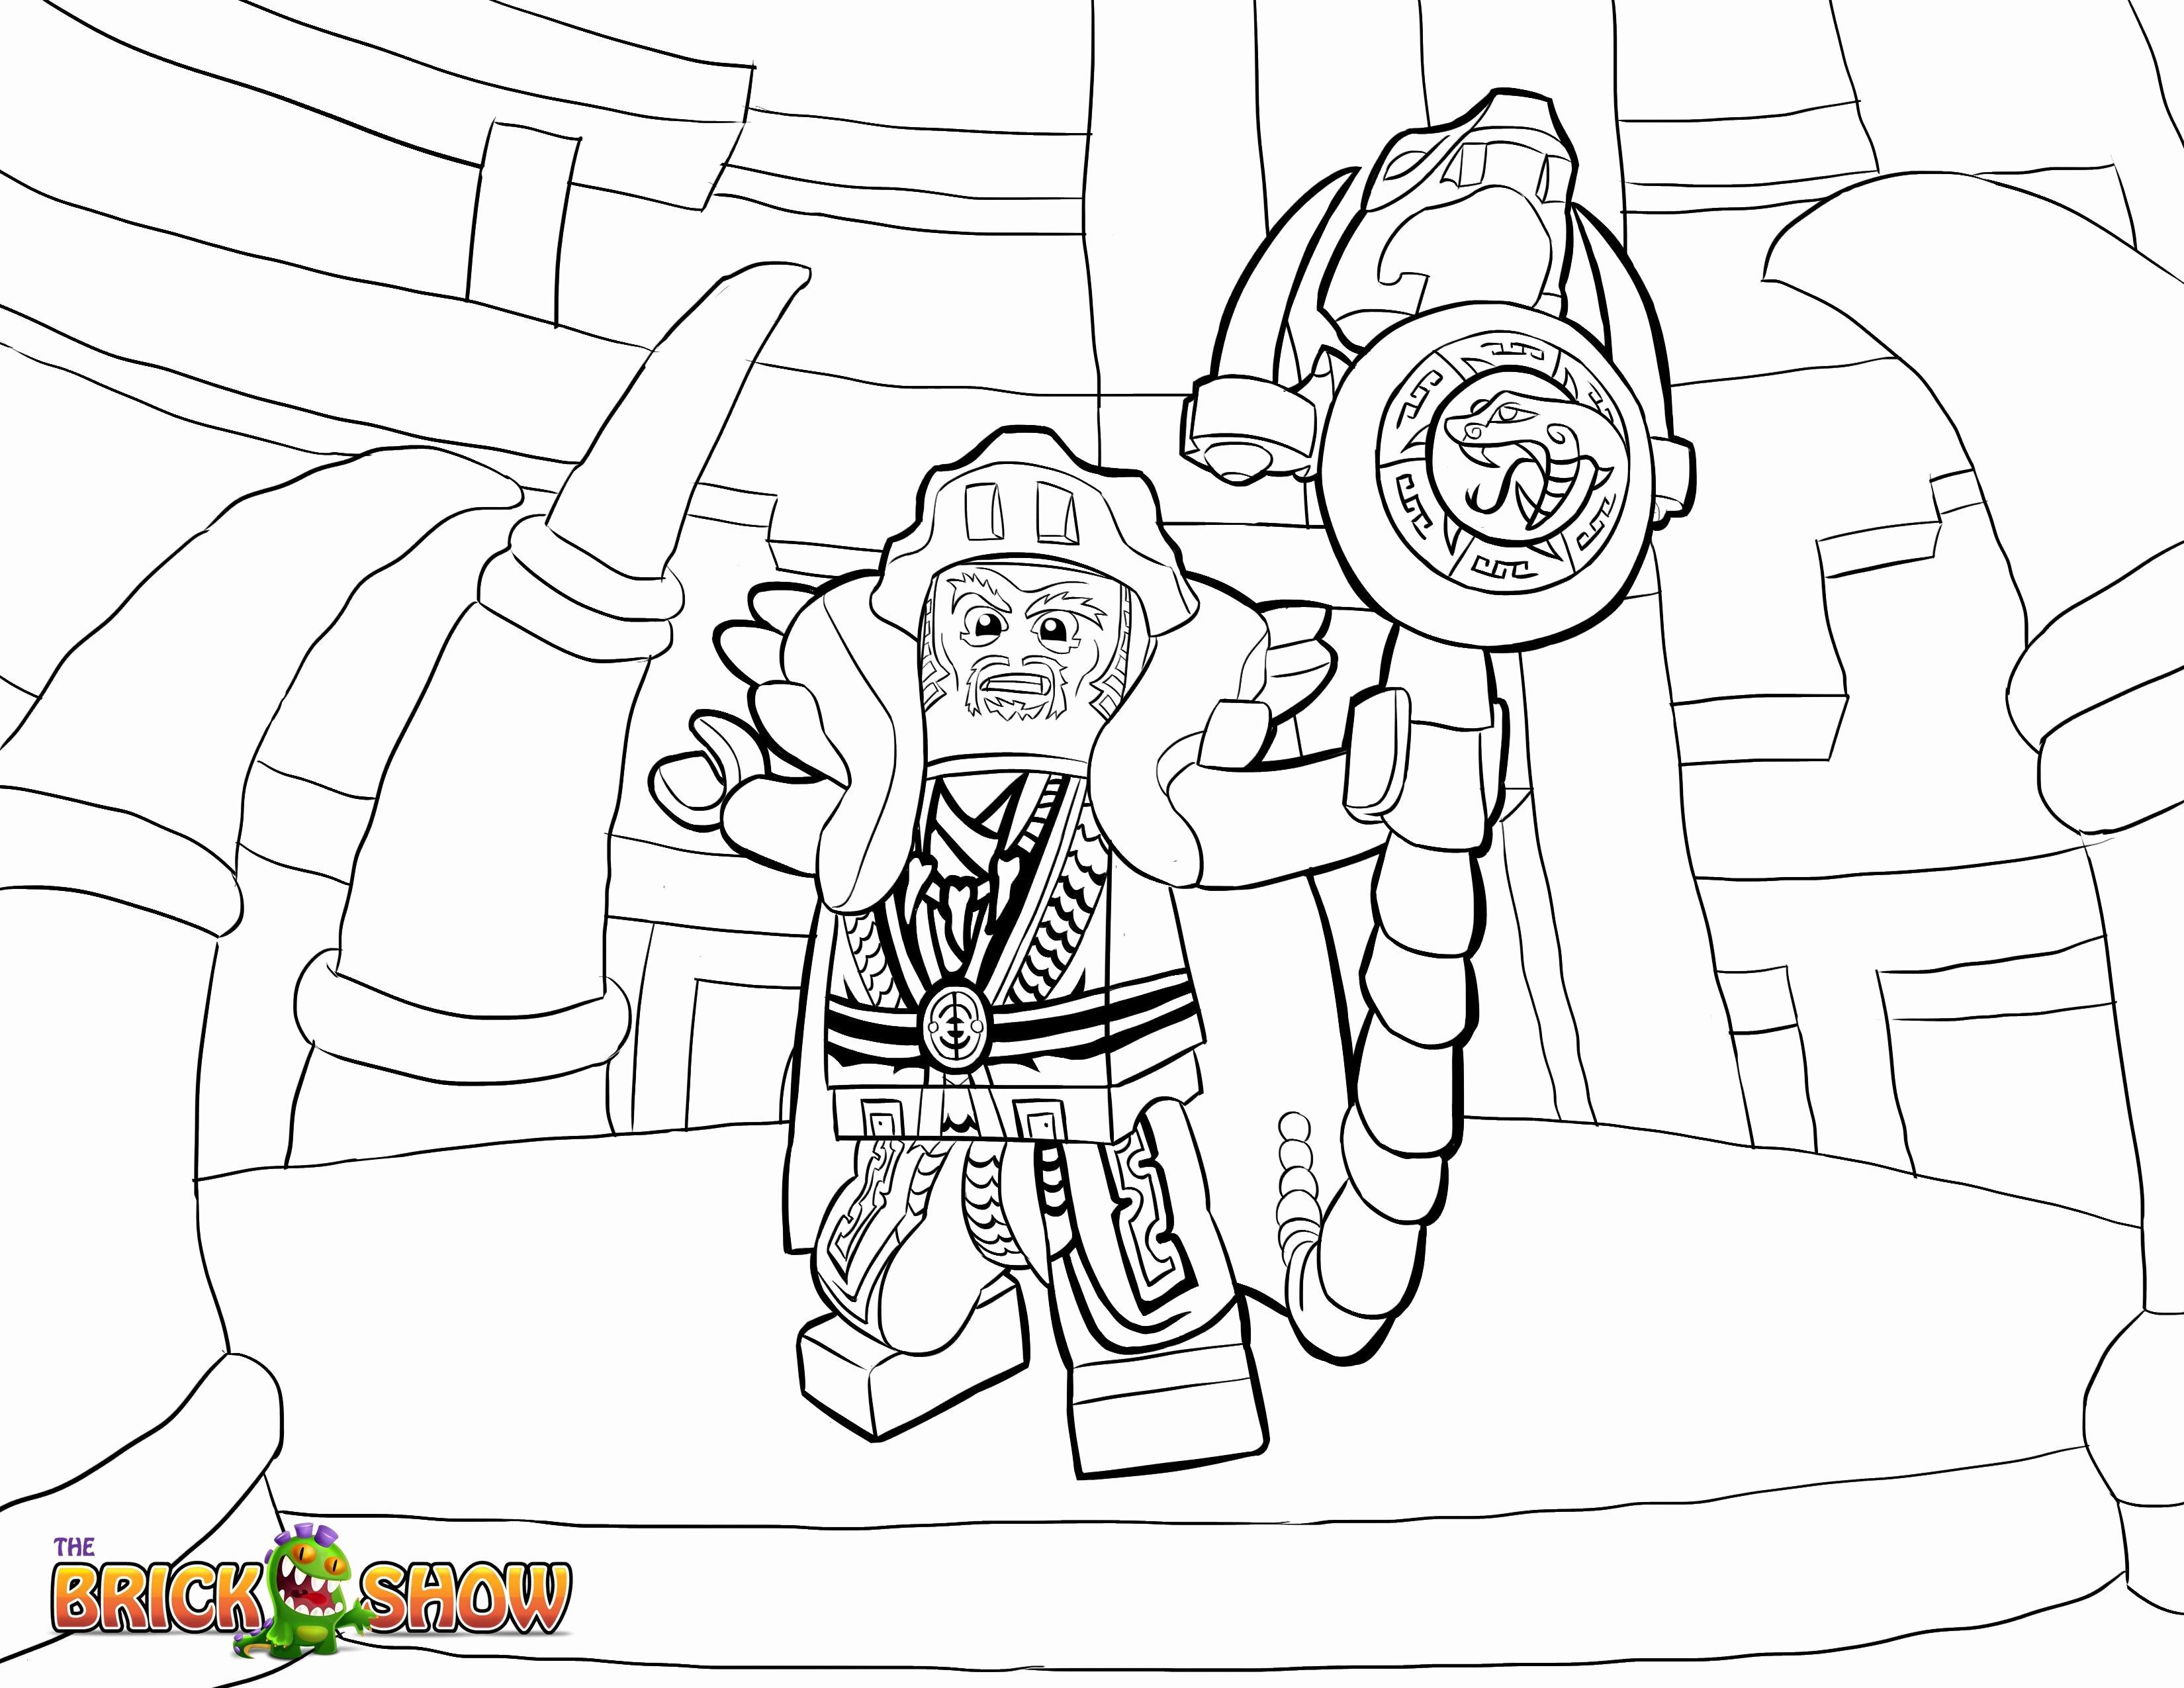 Ninjago Lloyd Ausmalbilder Genial Lego Ninjago Ausmalbilder Bilder 37 Lego Ninjago Lloyd Ausmalbilder Das Bild